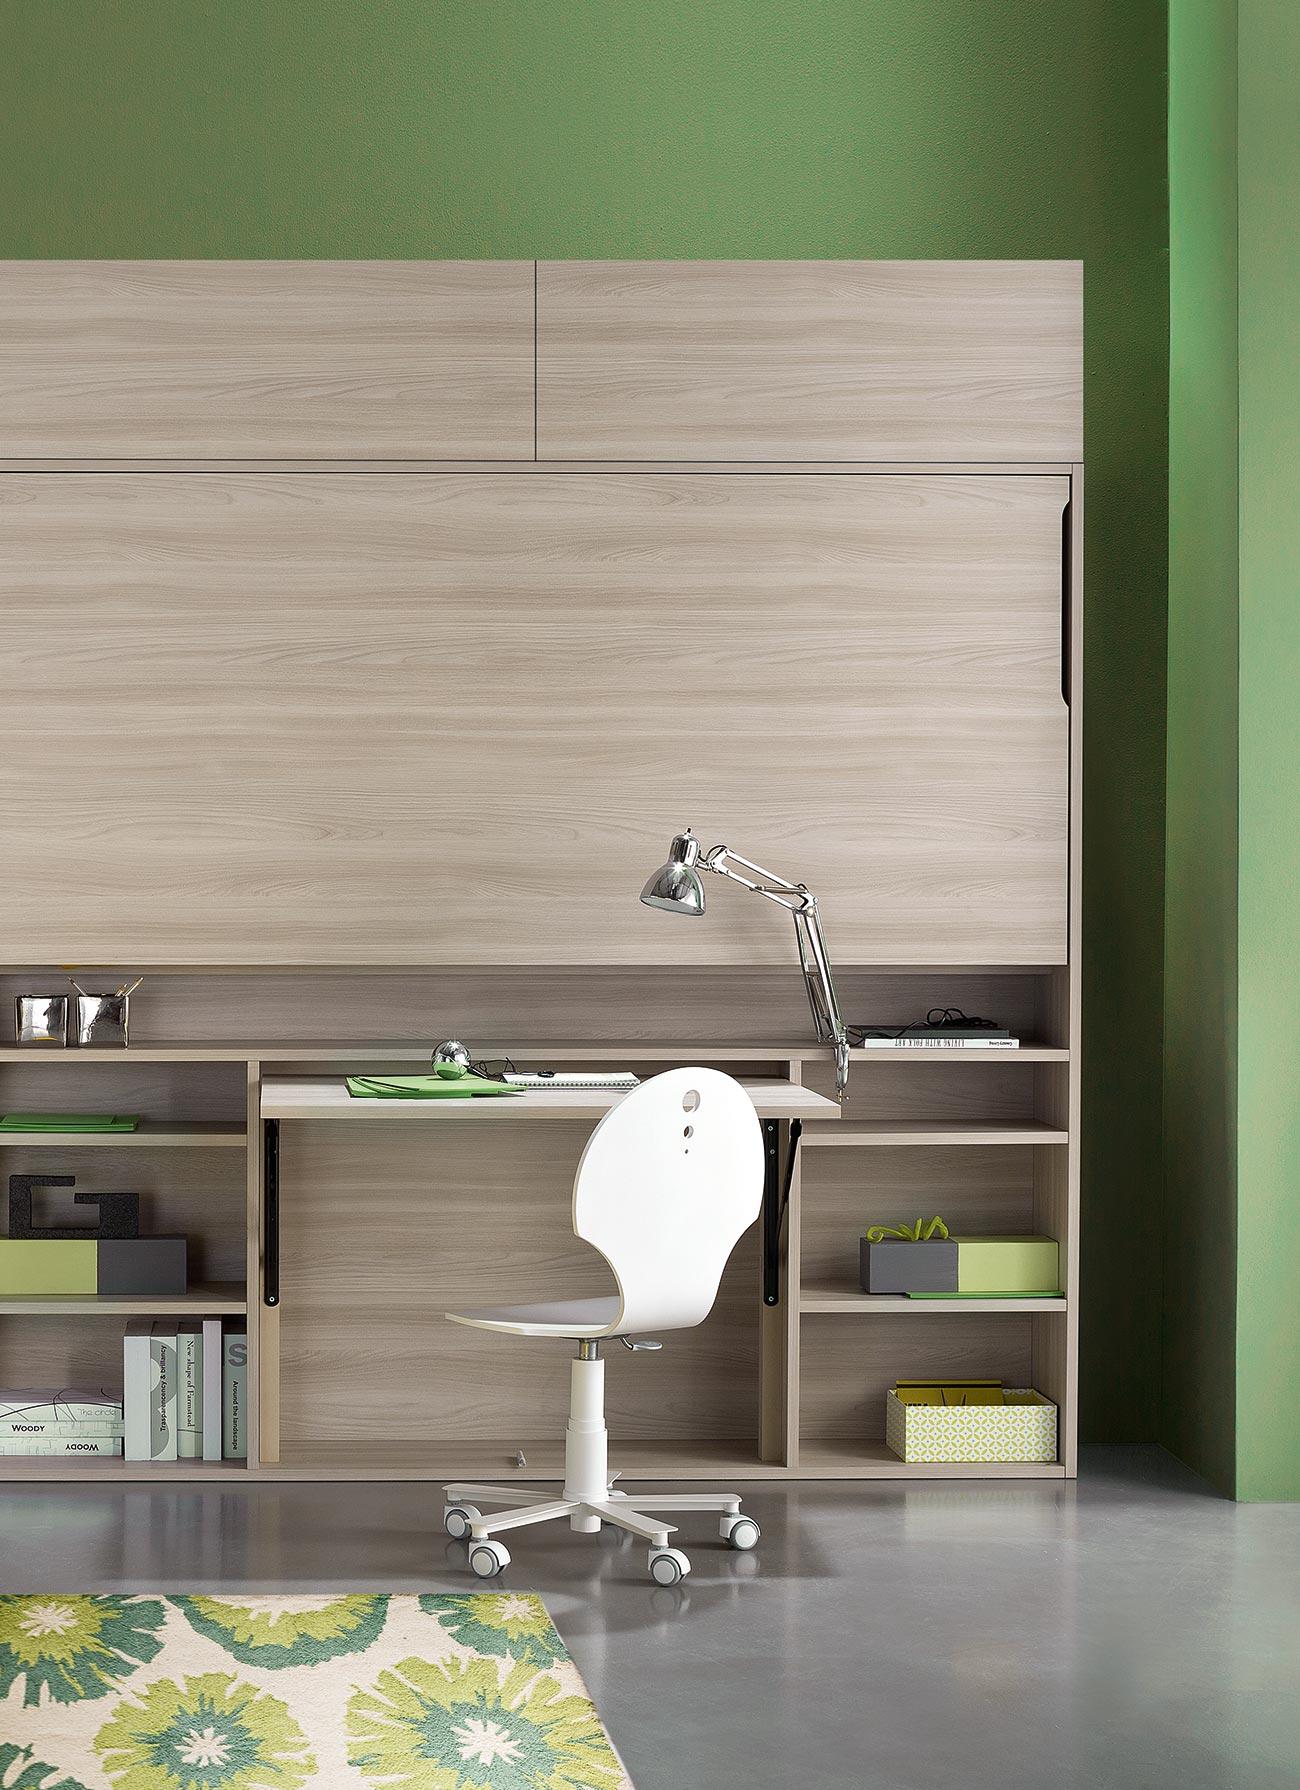 Letto A Castello Con Ribalta.Camerette Con Letti A Castello E Trasformabili Mab Home Furniture